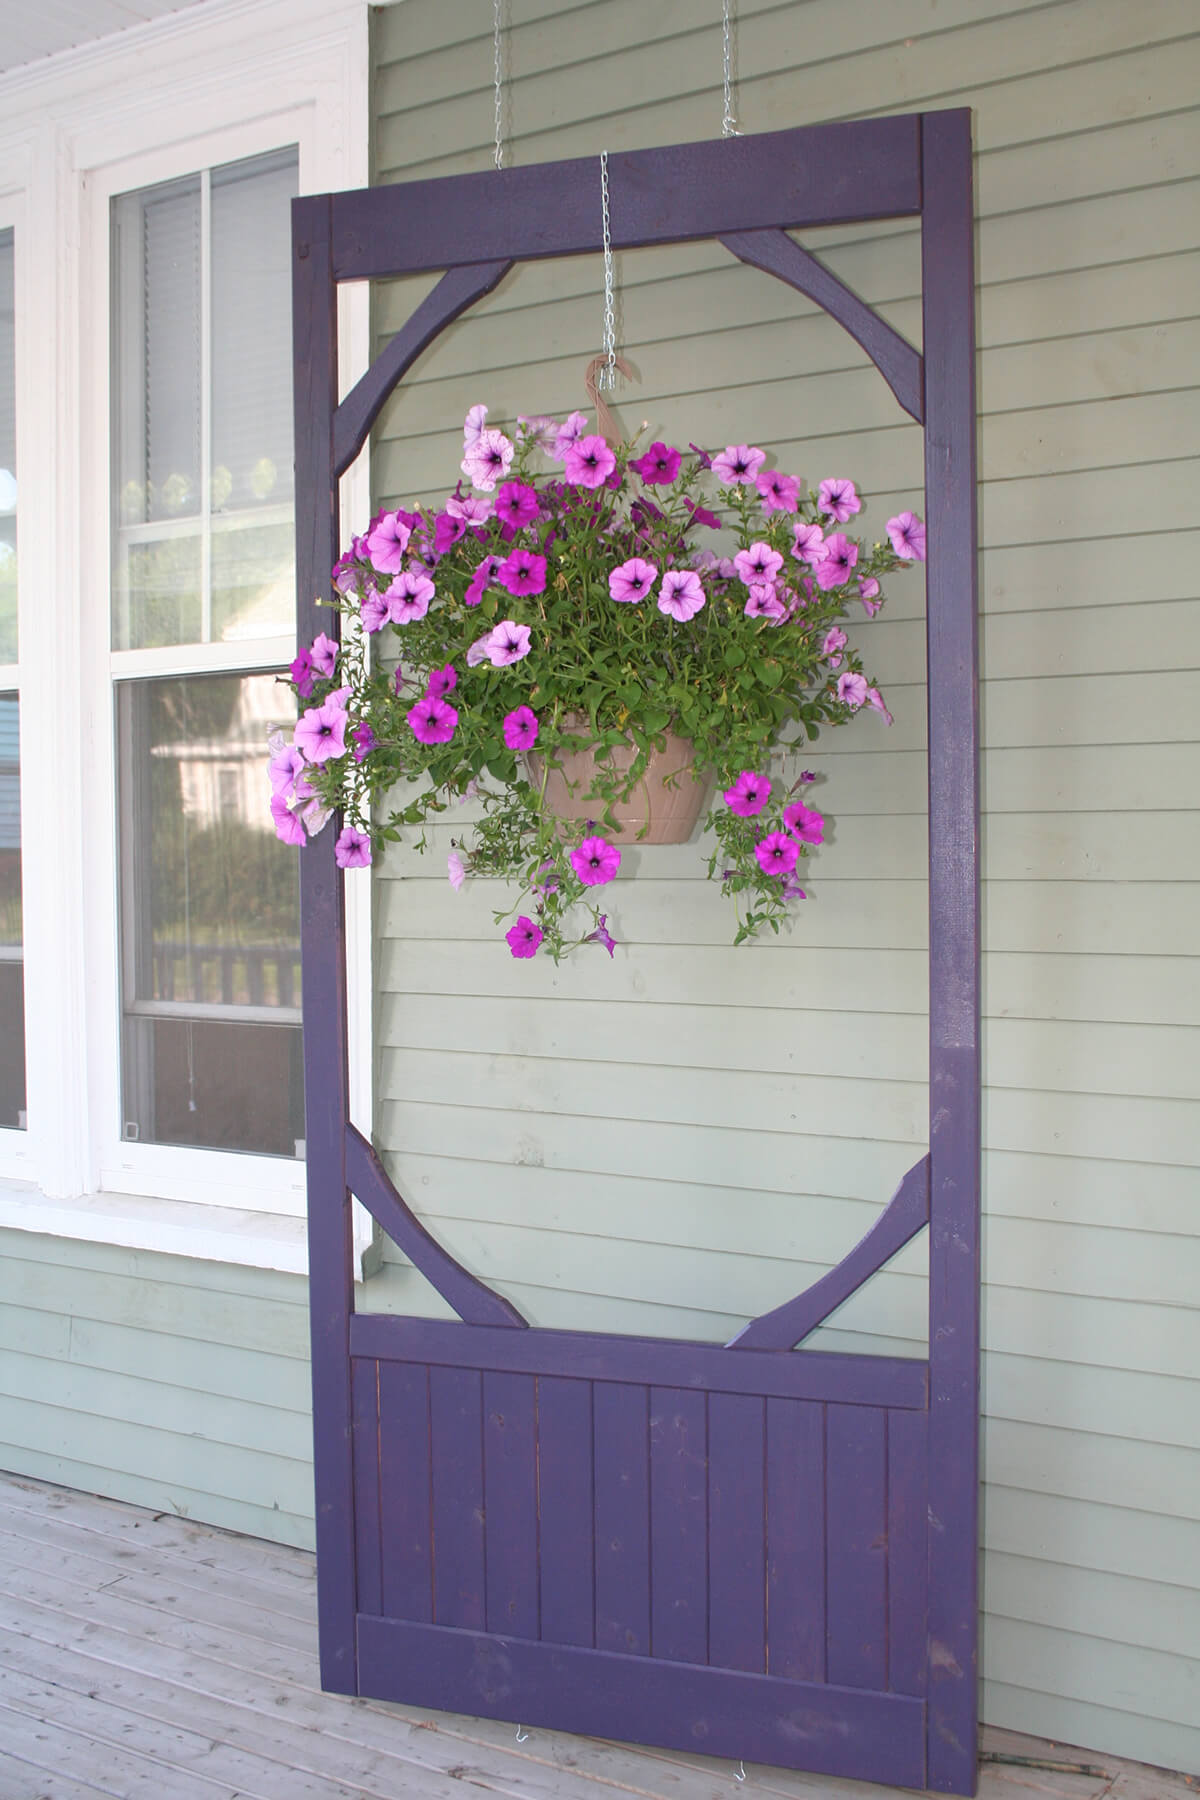 Hanging Screen Door with Bountiful Planter